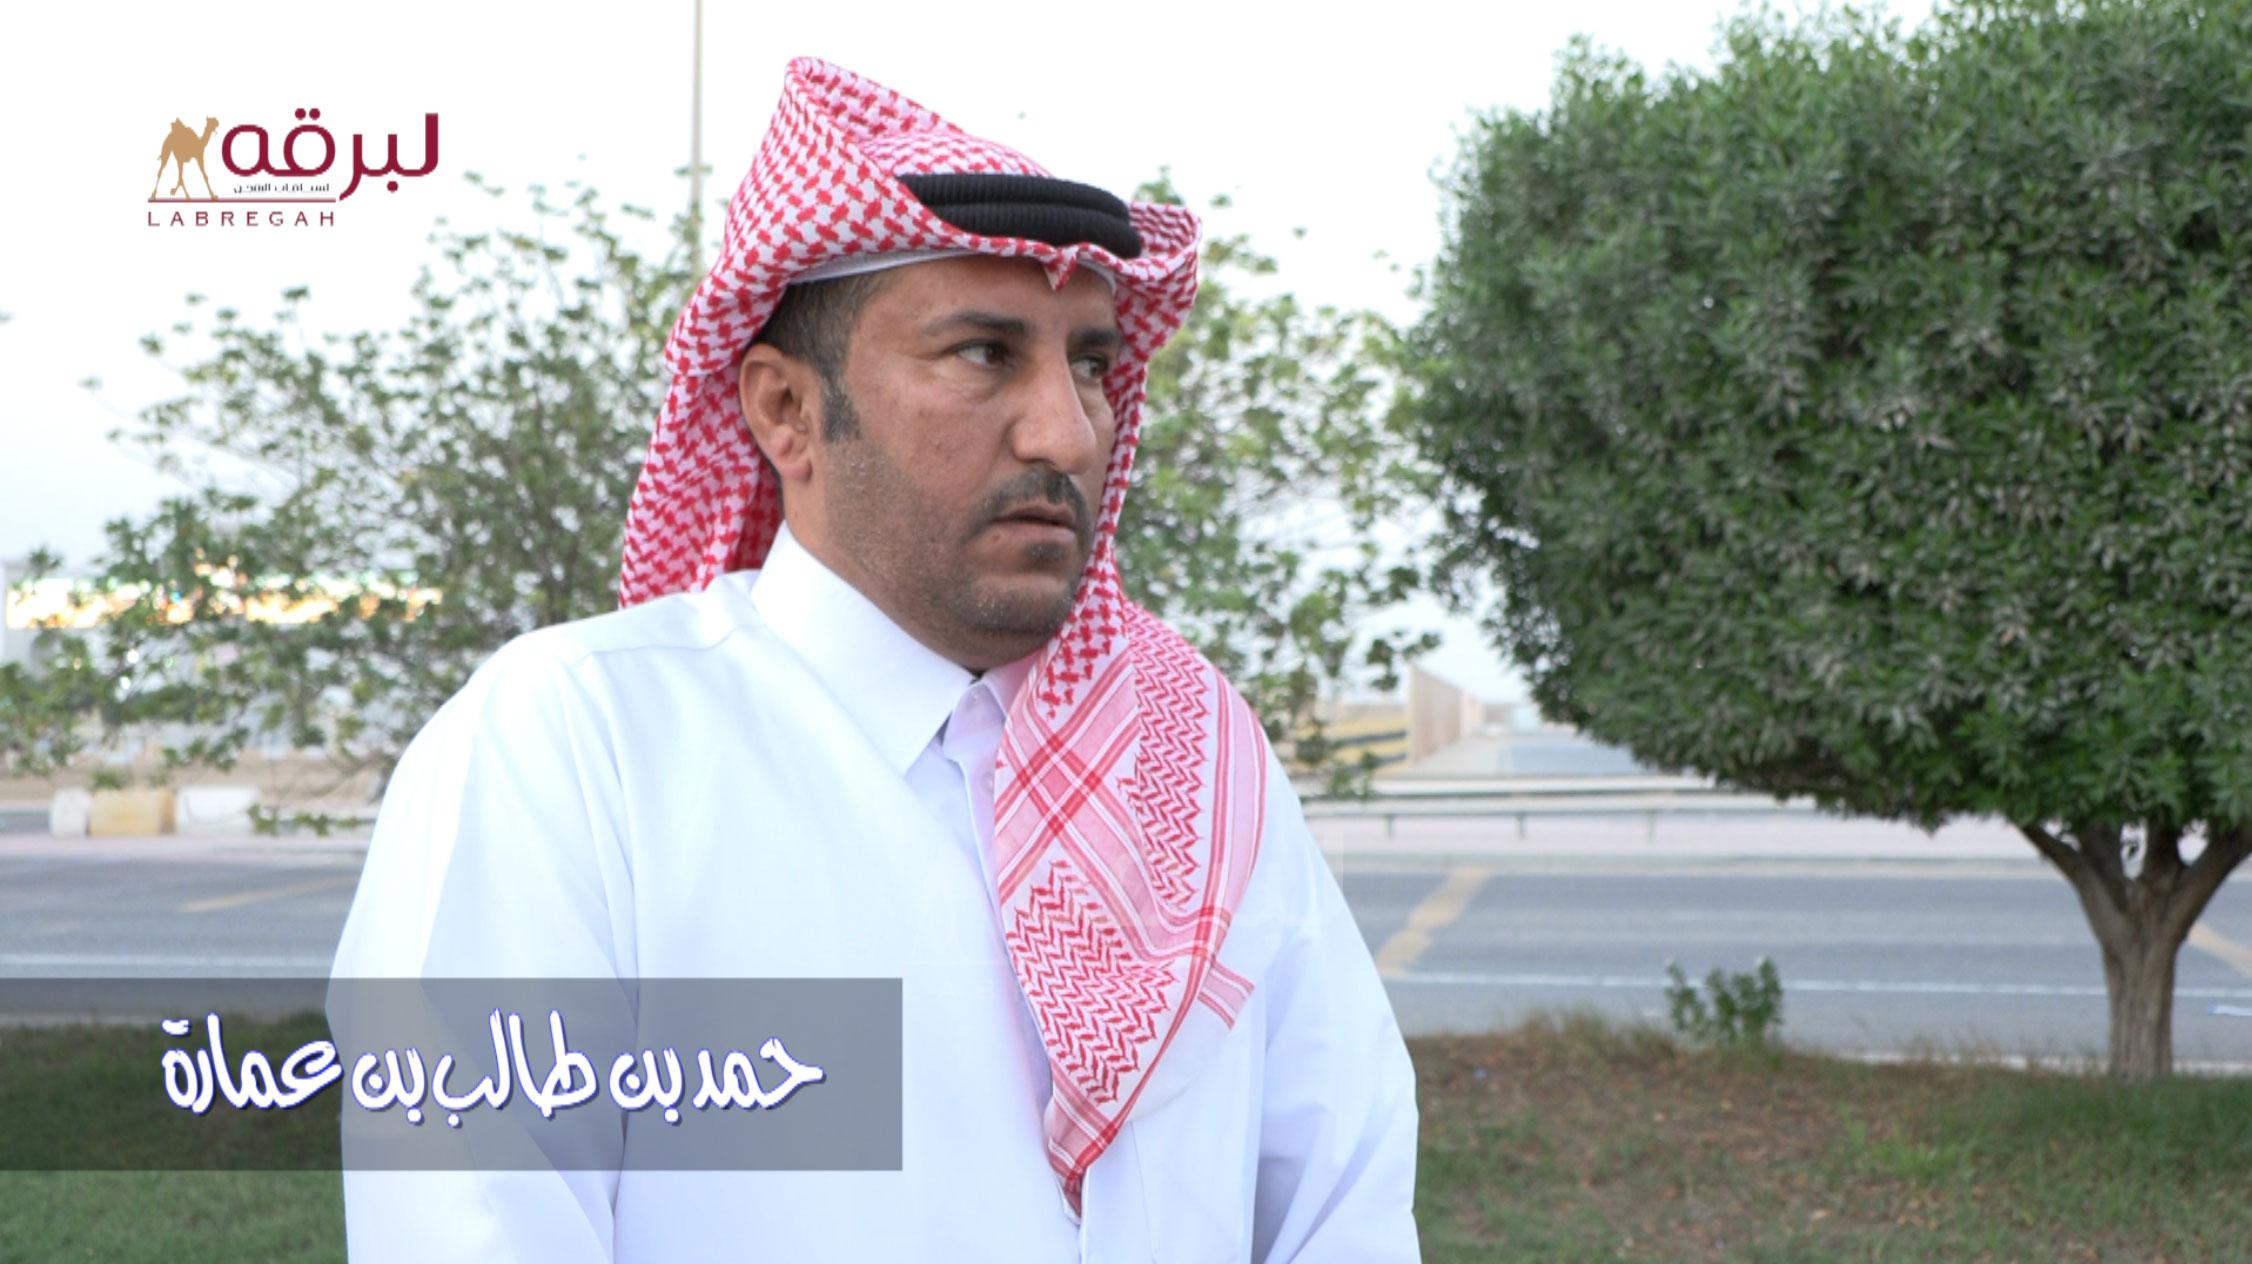 لقاء مع حمد بن طالب بن عماره.. الشوطين الرئيسيين للحقايق (مفتوح) الأشواط المفتوحة  ٦-١٠-٢٠٢١